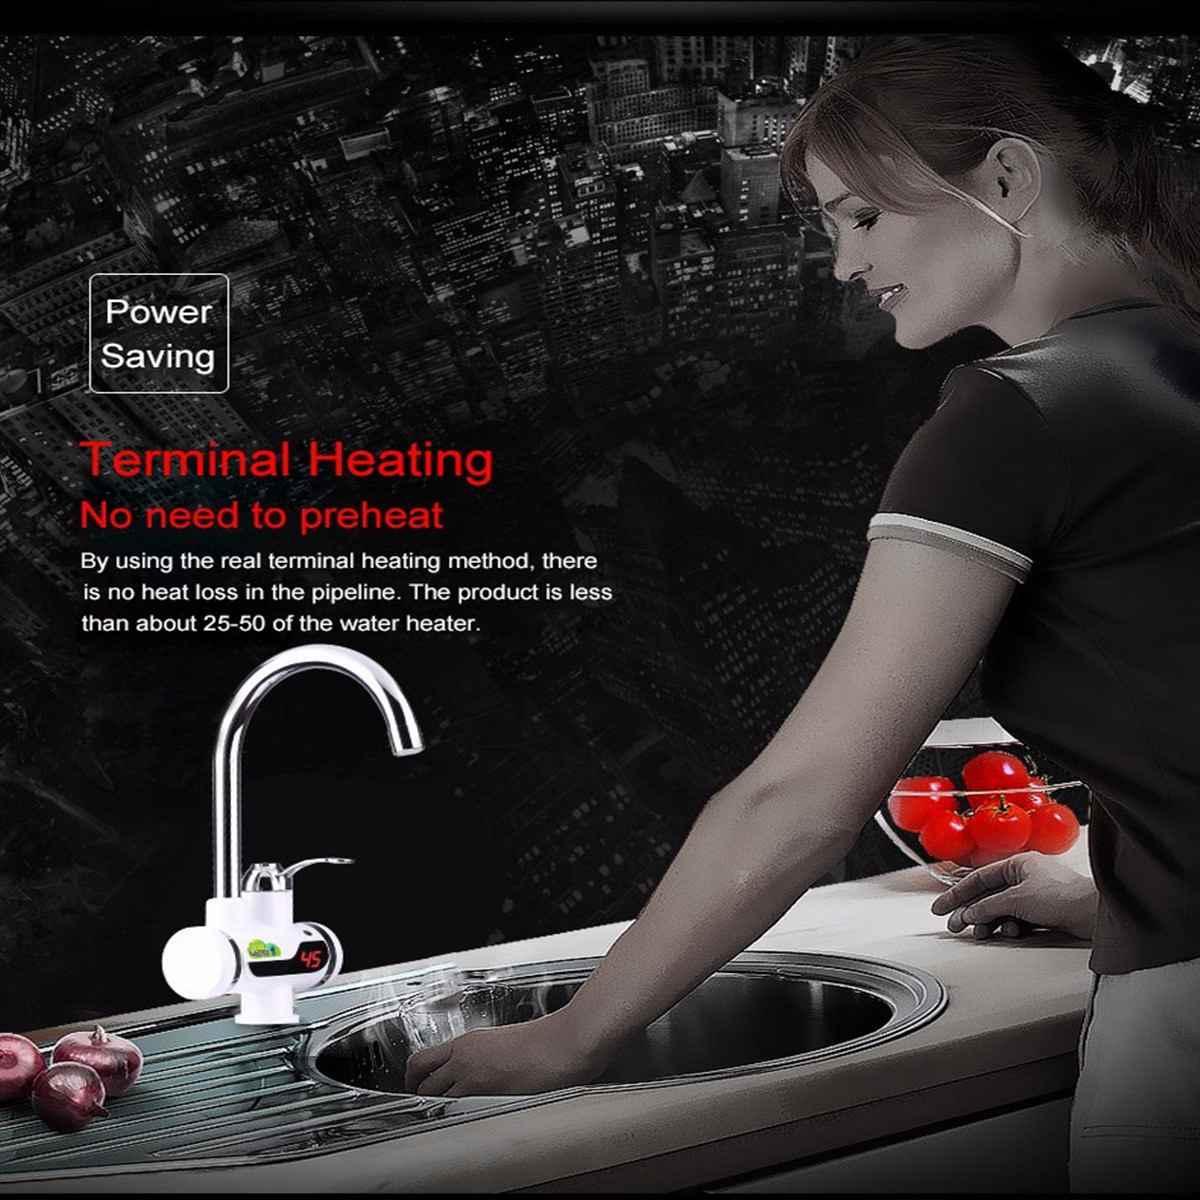 חשמלי מיידי חימום מטבח אמבטיה ברז דוד ברז חשמלי דוד מים חמים ברז טמפרטורת LED תצוגה דיגיטלית